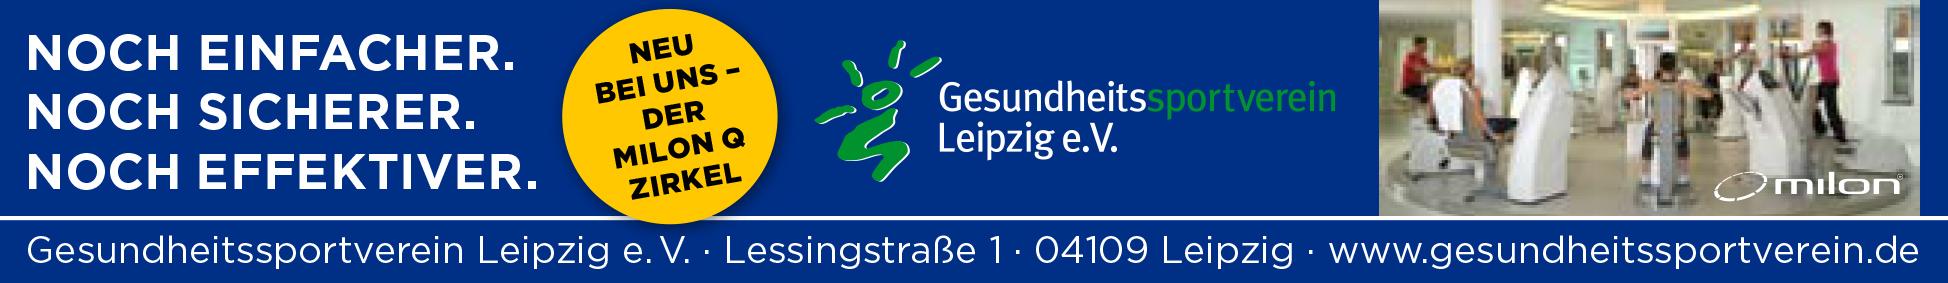 neuer Milon-Zirkel im Gesundheitssportverein Leipzig